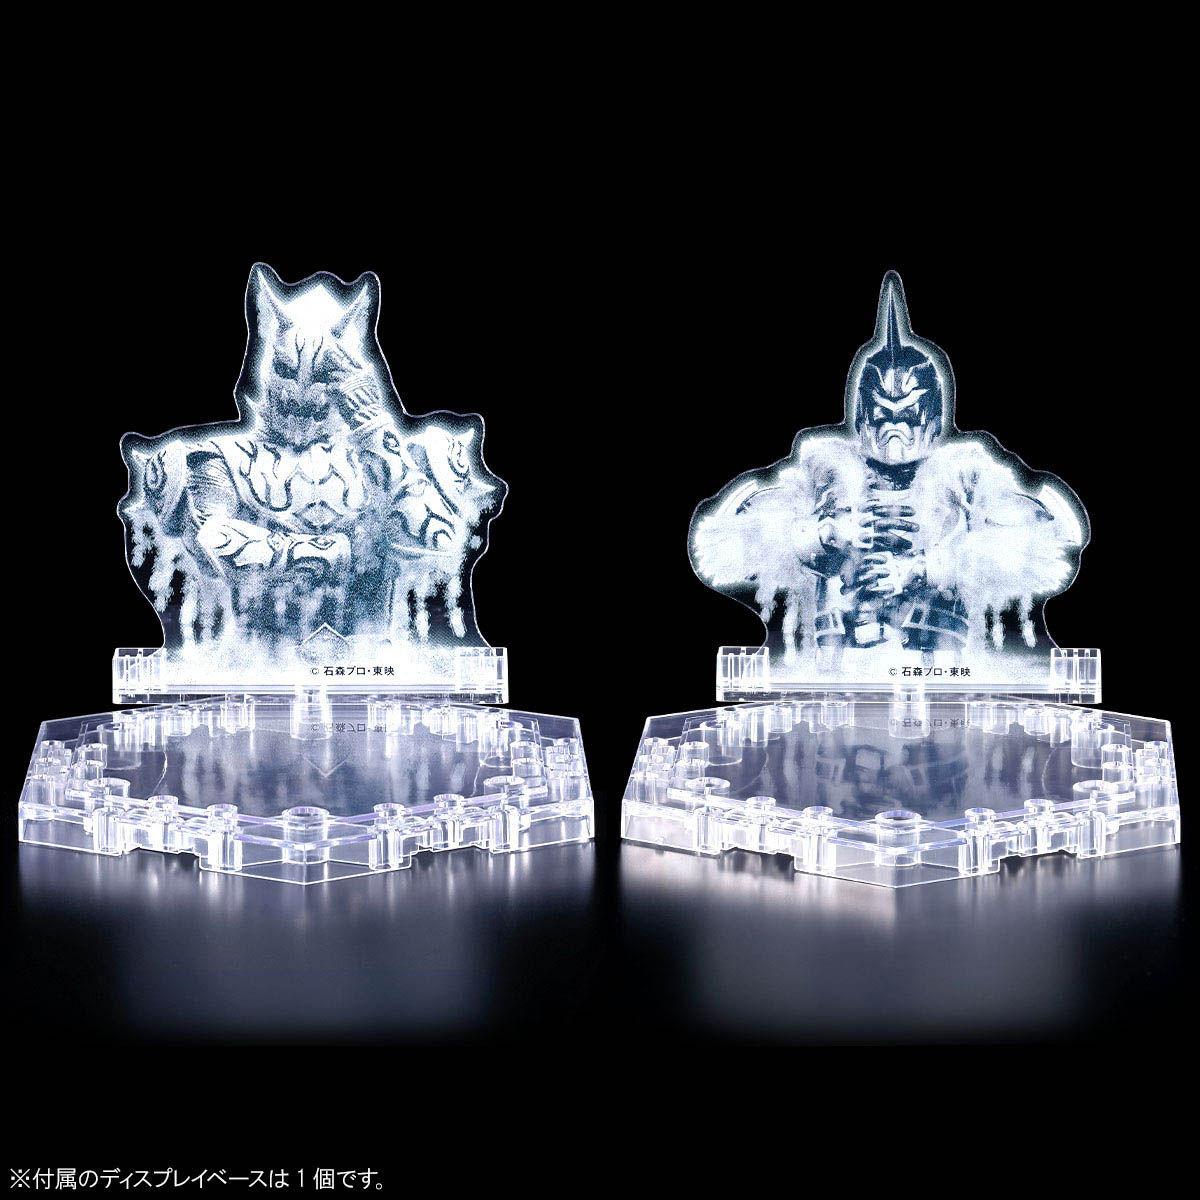 【限定販売】Figure-rise Standard『仮面ライダー電王 ガンフォーム&プラットフォーム』プラモデル-015